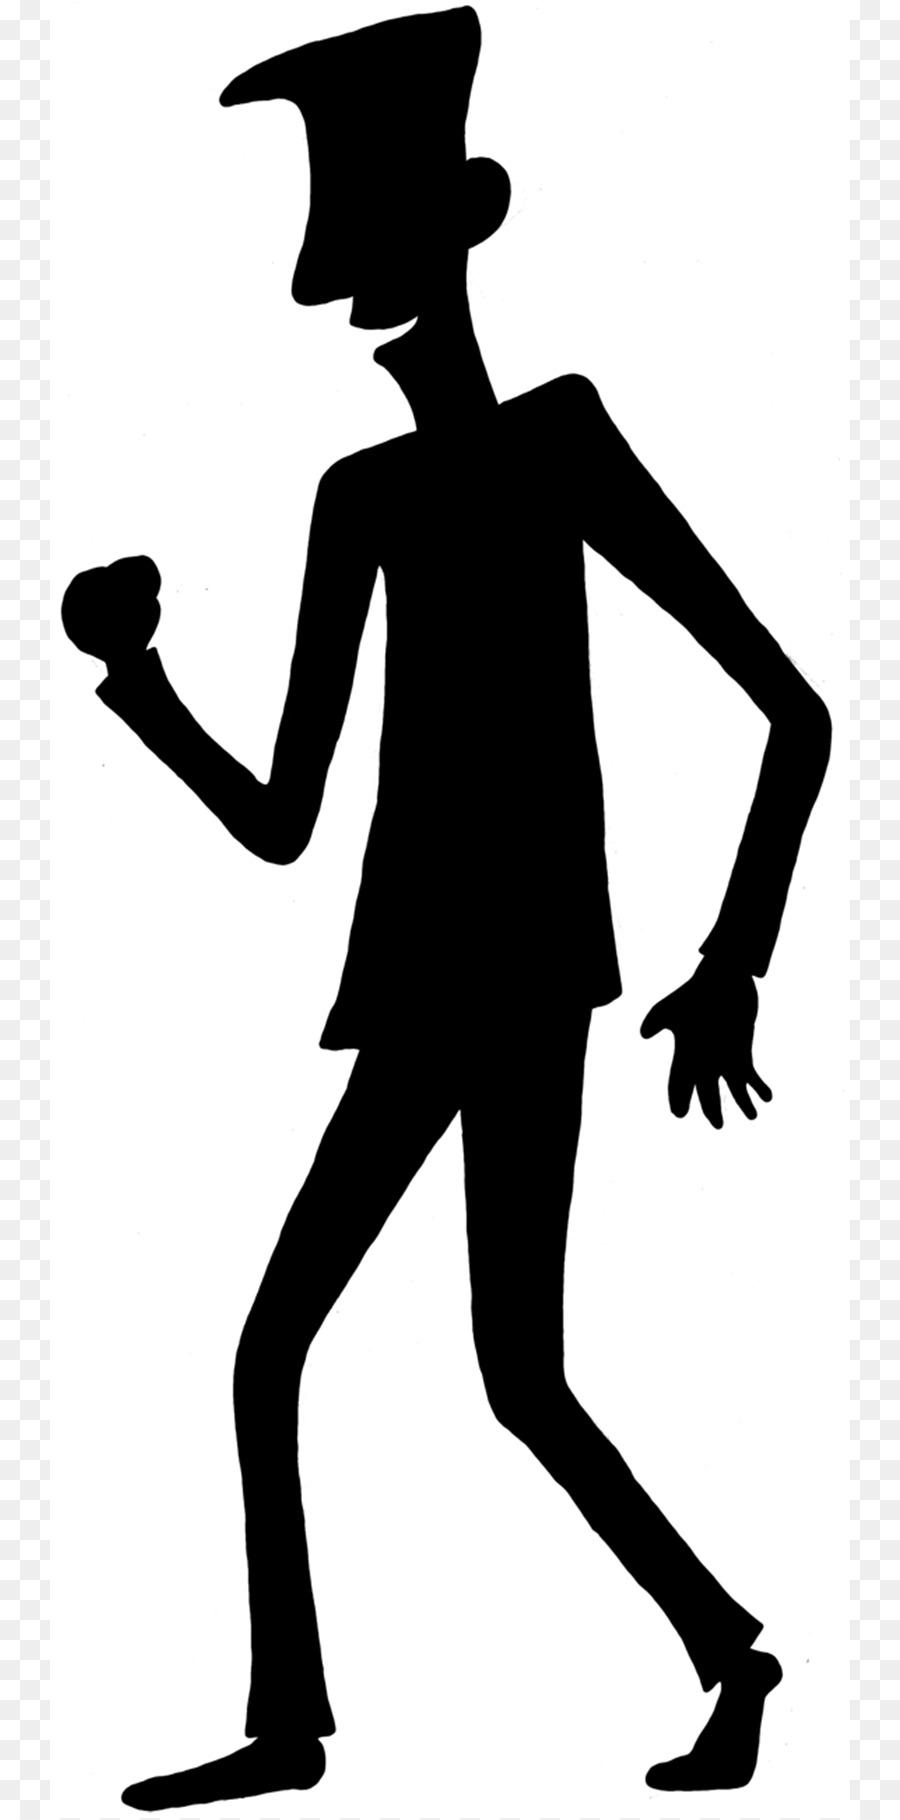 900x1820 Cartoon Shadow Person Silhouette Clip Art